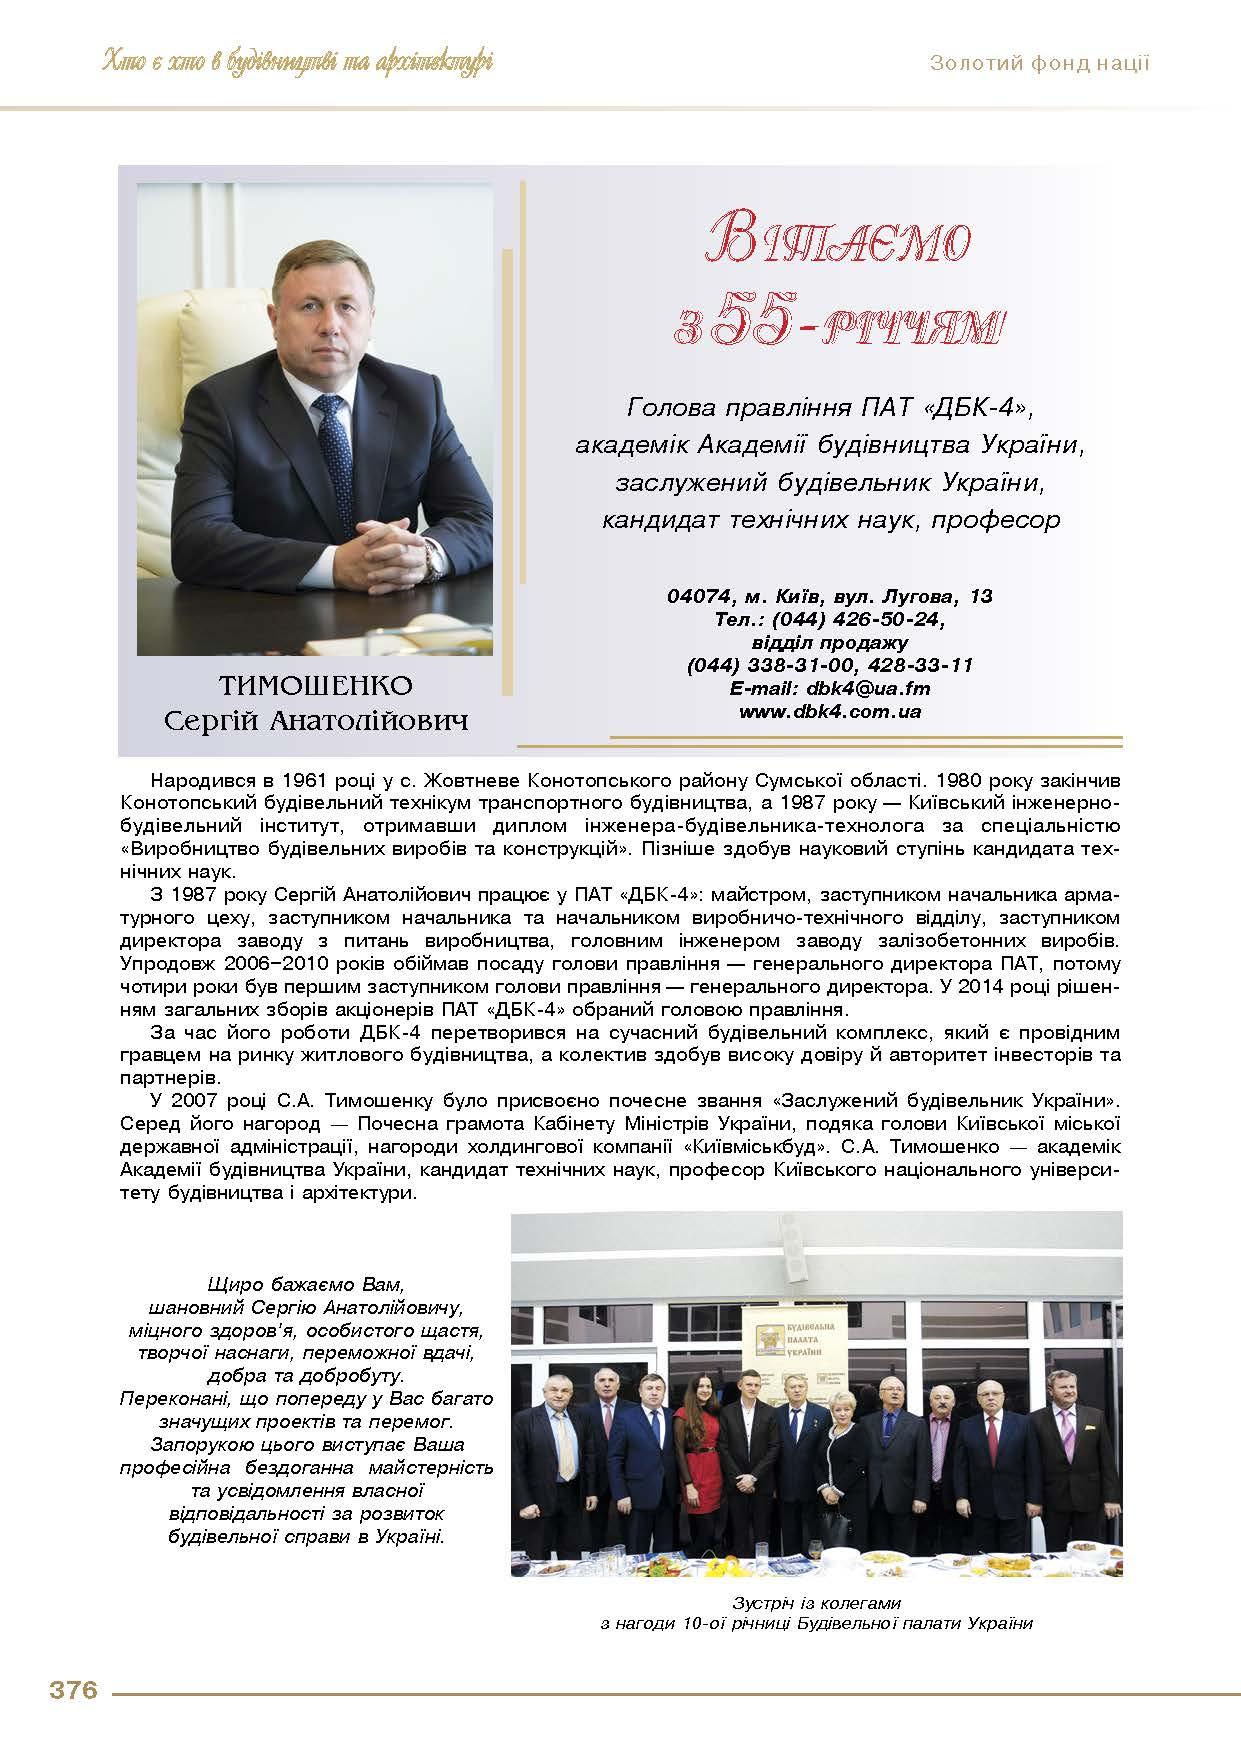 Тимошенко Сергій Анатолійович